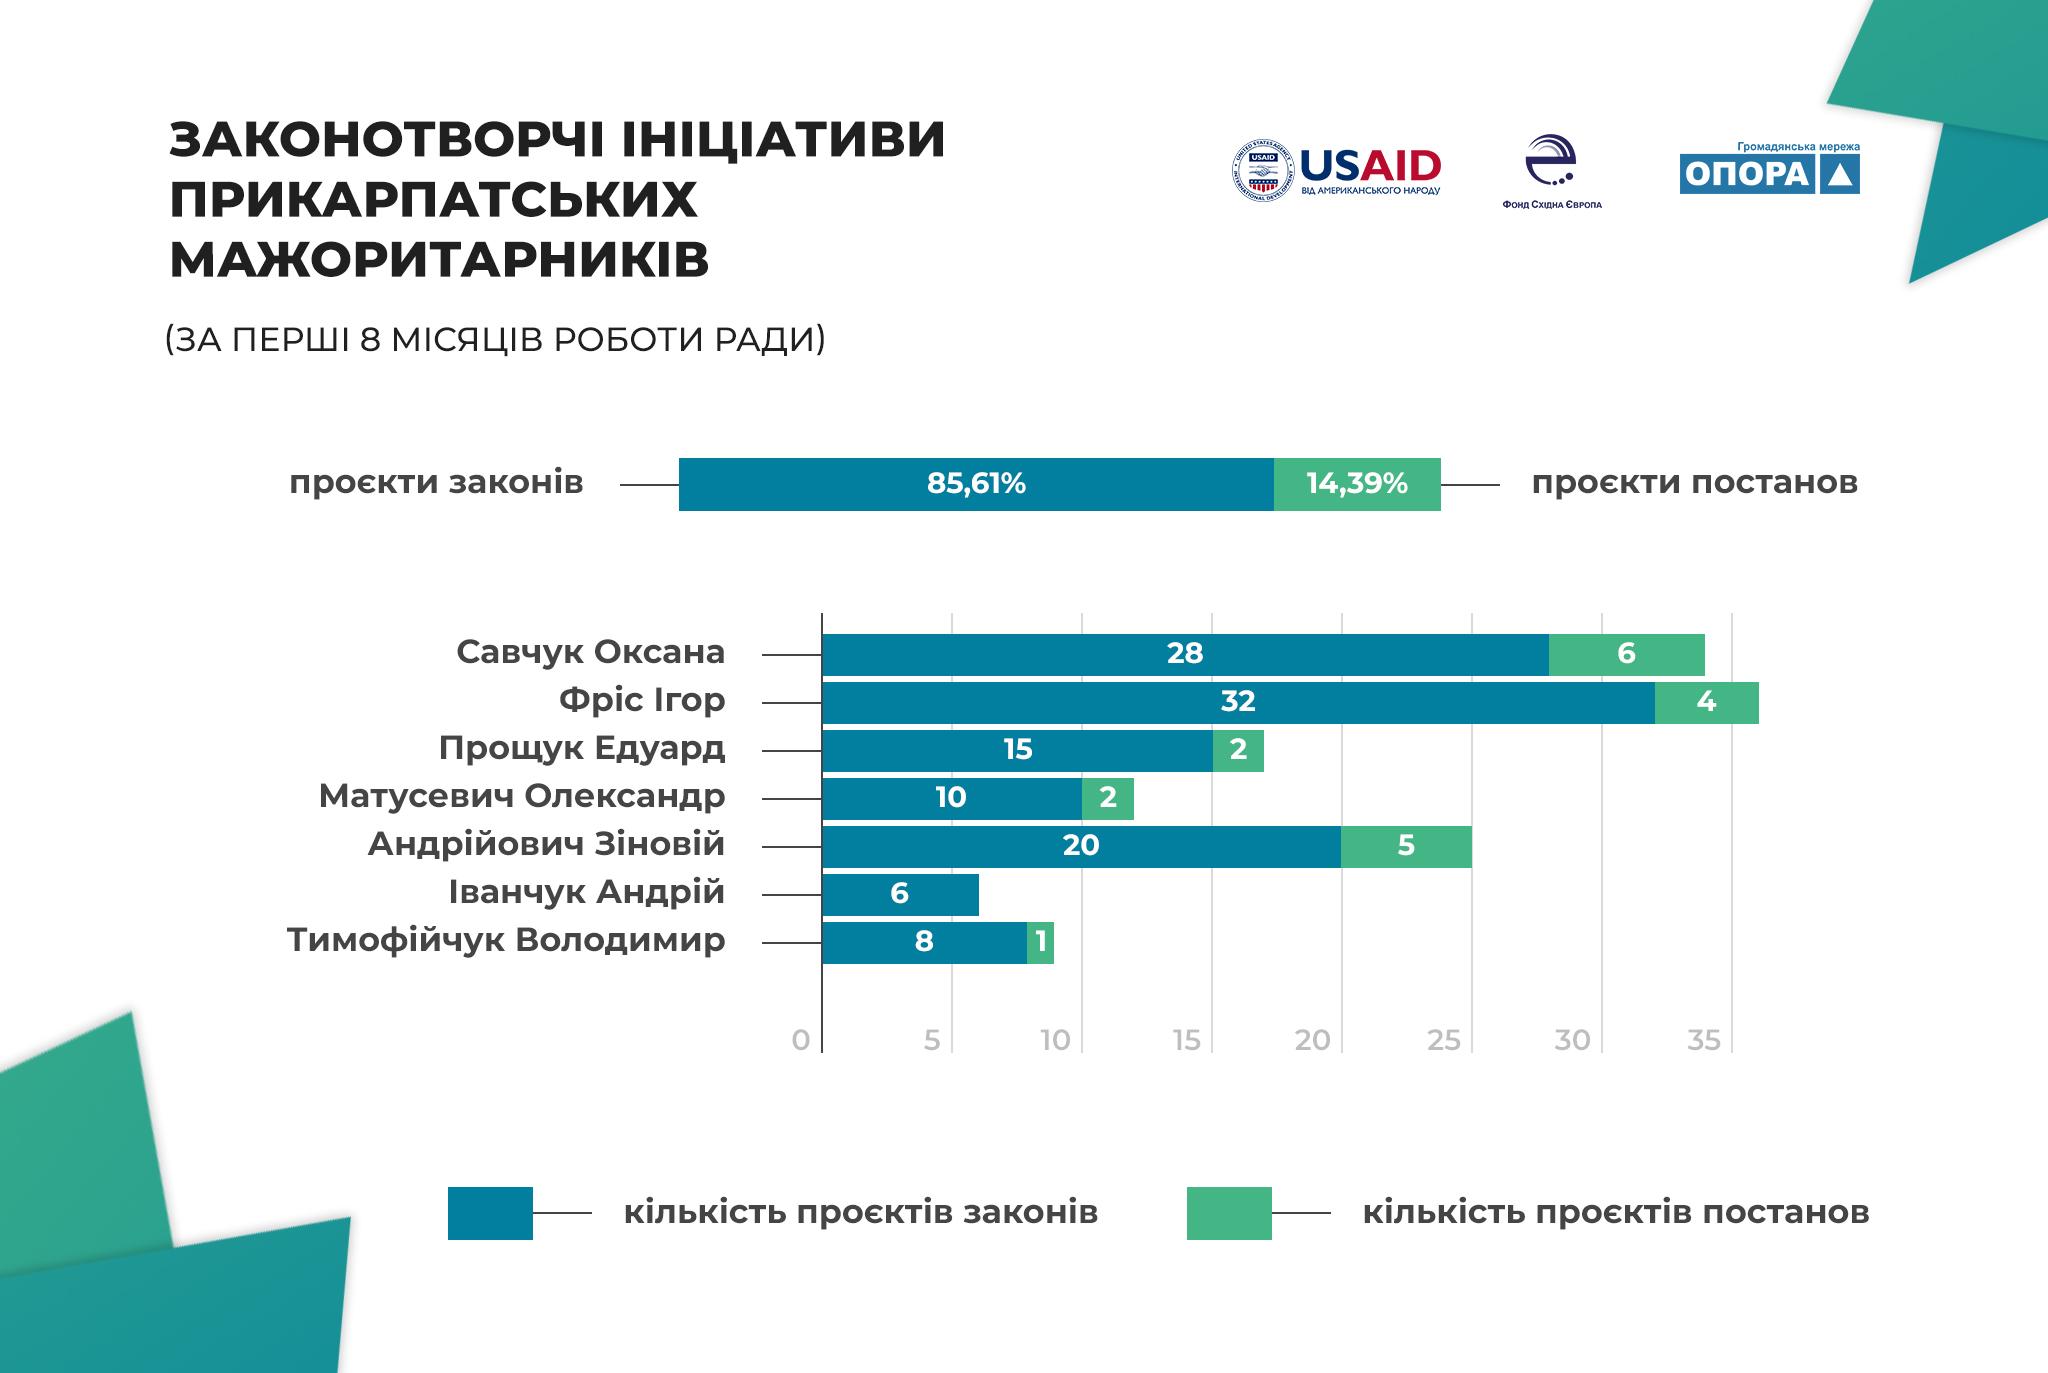 Законотворча активність і тематичні  пріоритети мажоритарників Івано-Франківщини 1